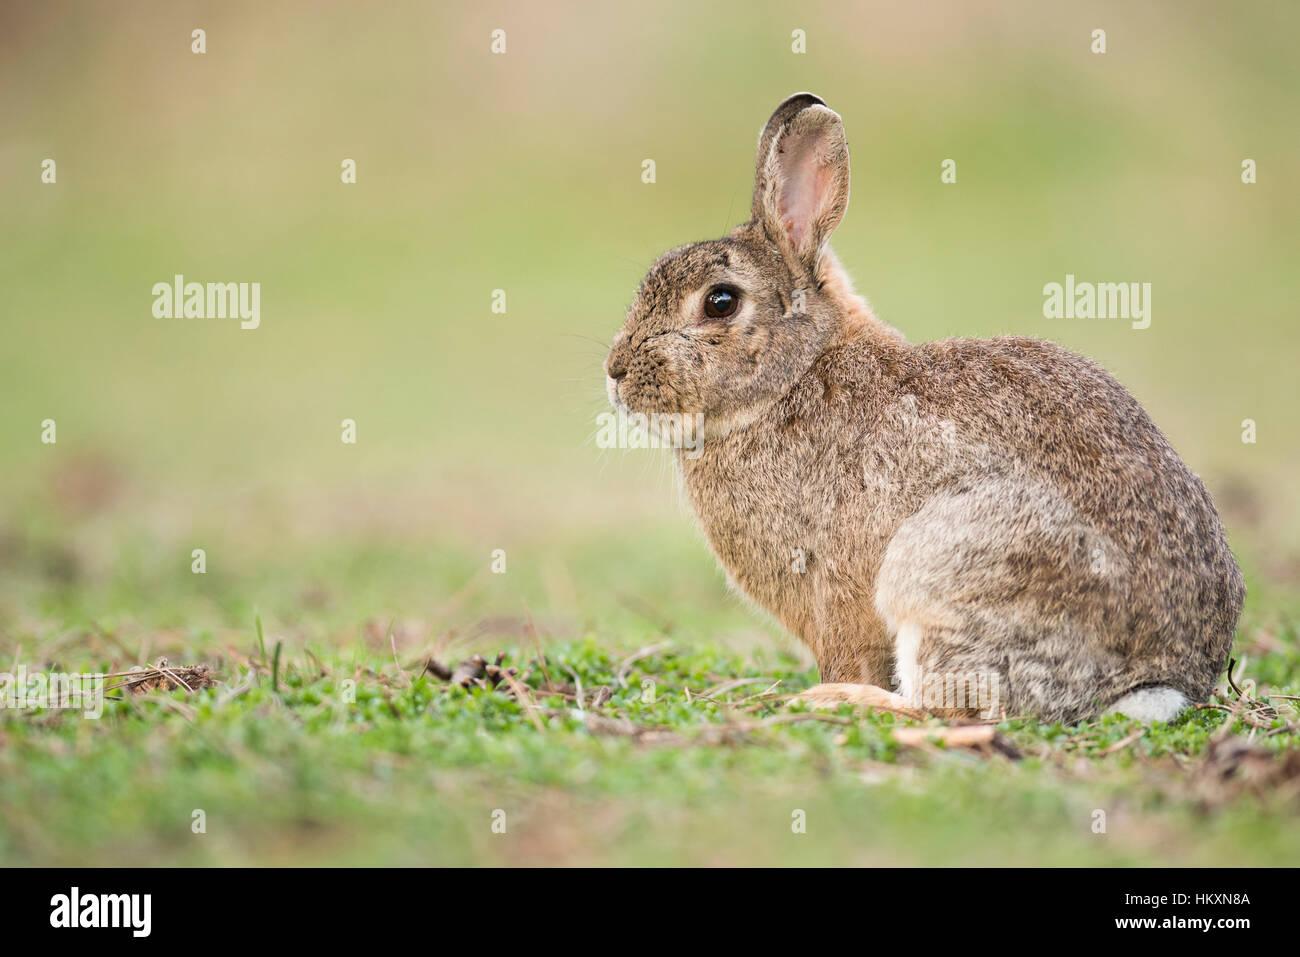 Conejo europeo (Oryctolagus cuniculus), Baja Austria, Austria Imagen De Stock